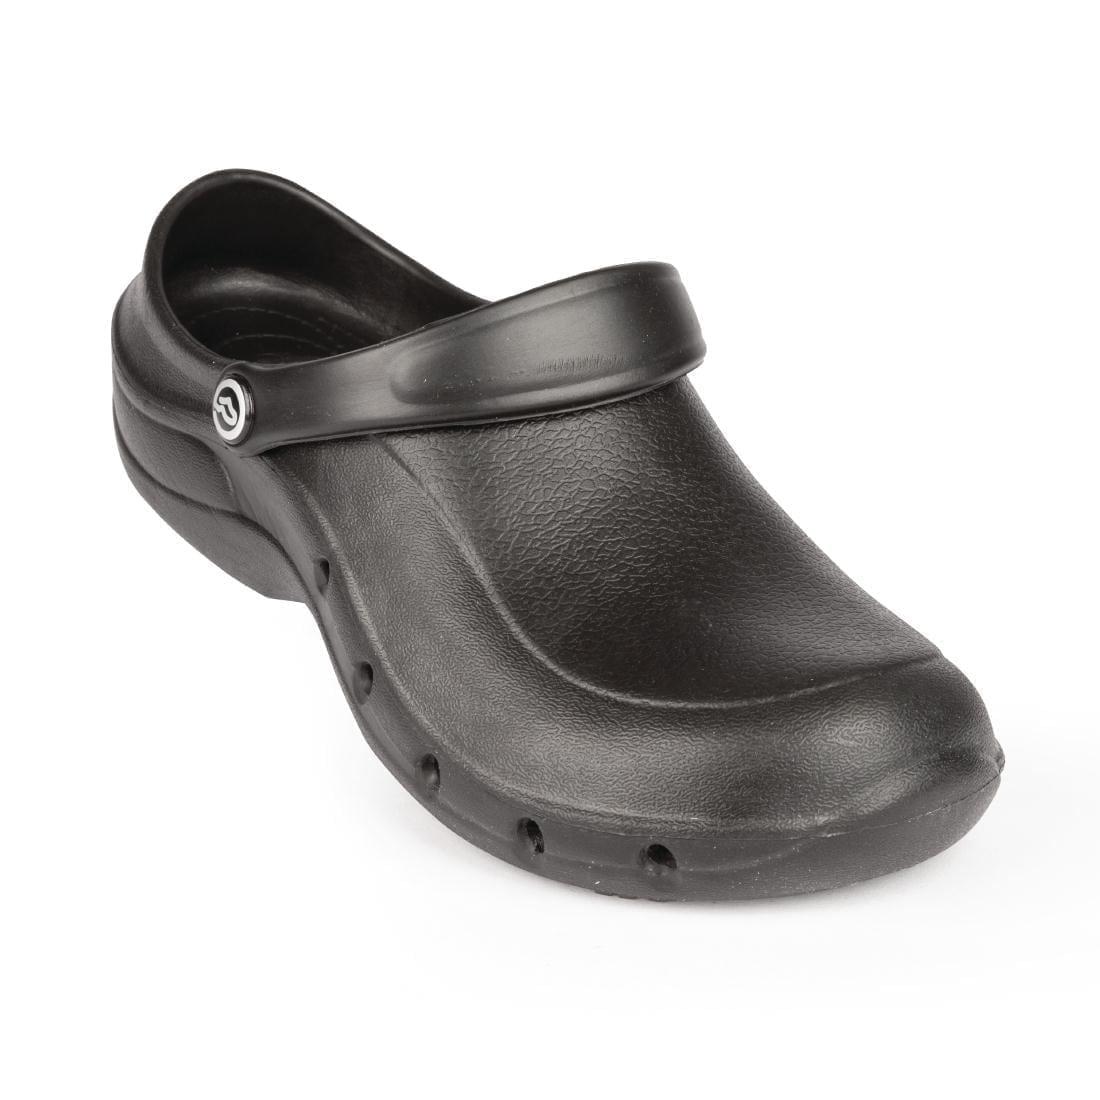 Toffeln EziKlog Pro Air Black - Size 47 /UK Size 12-0